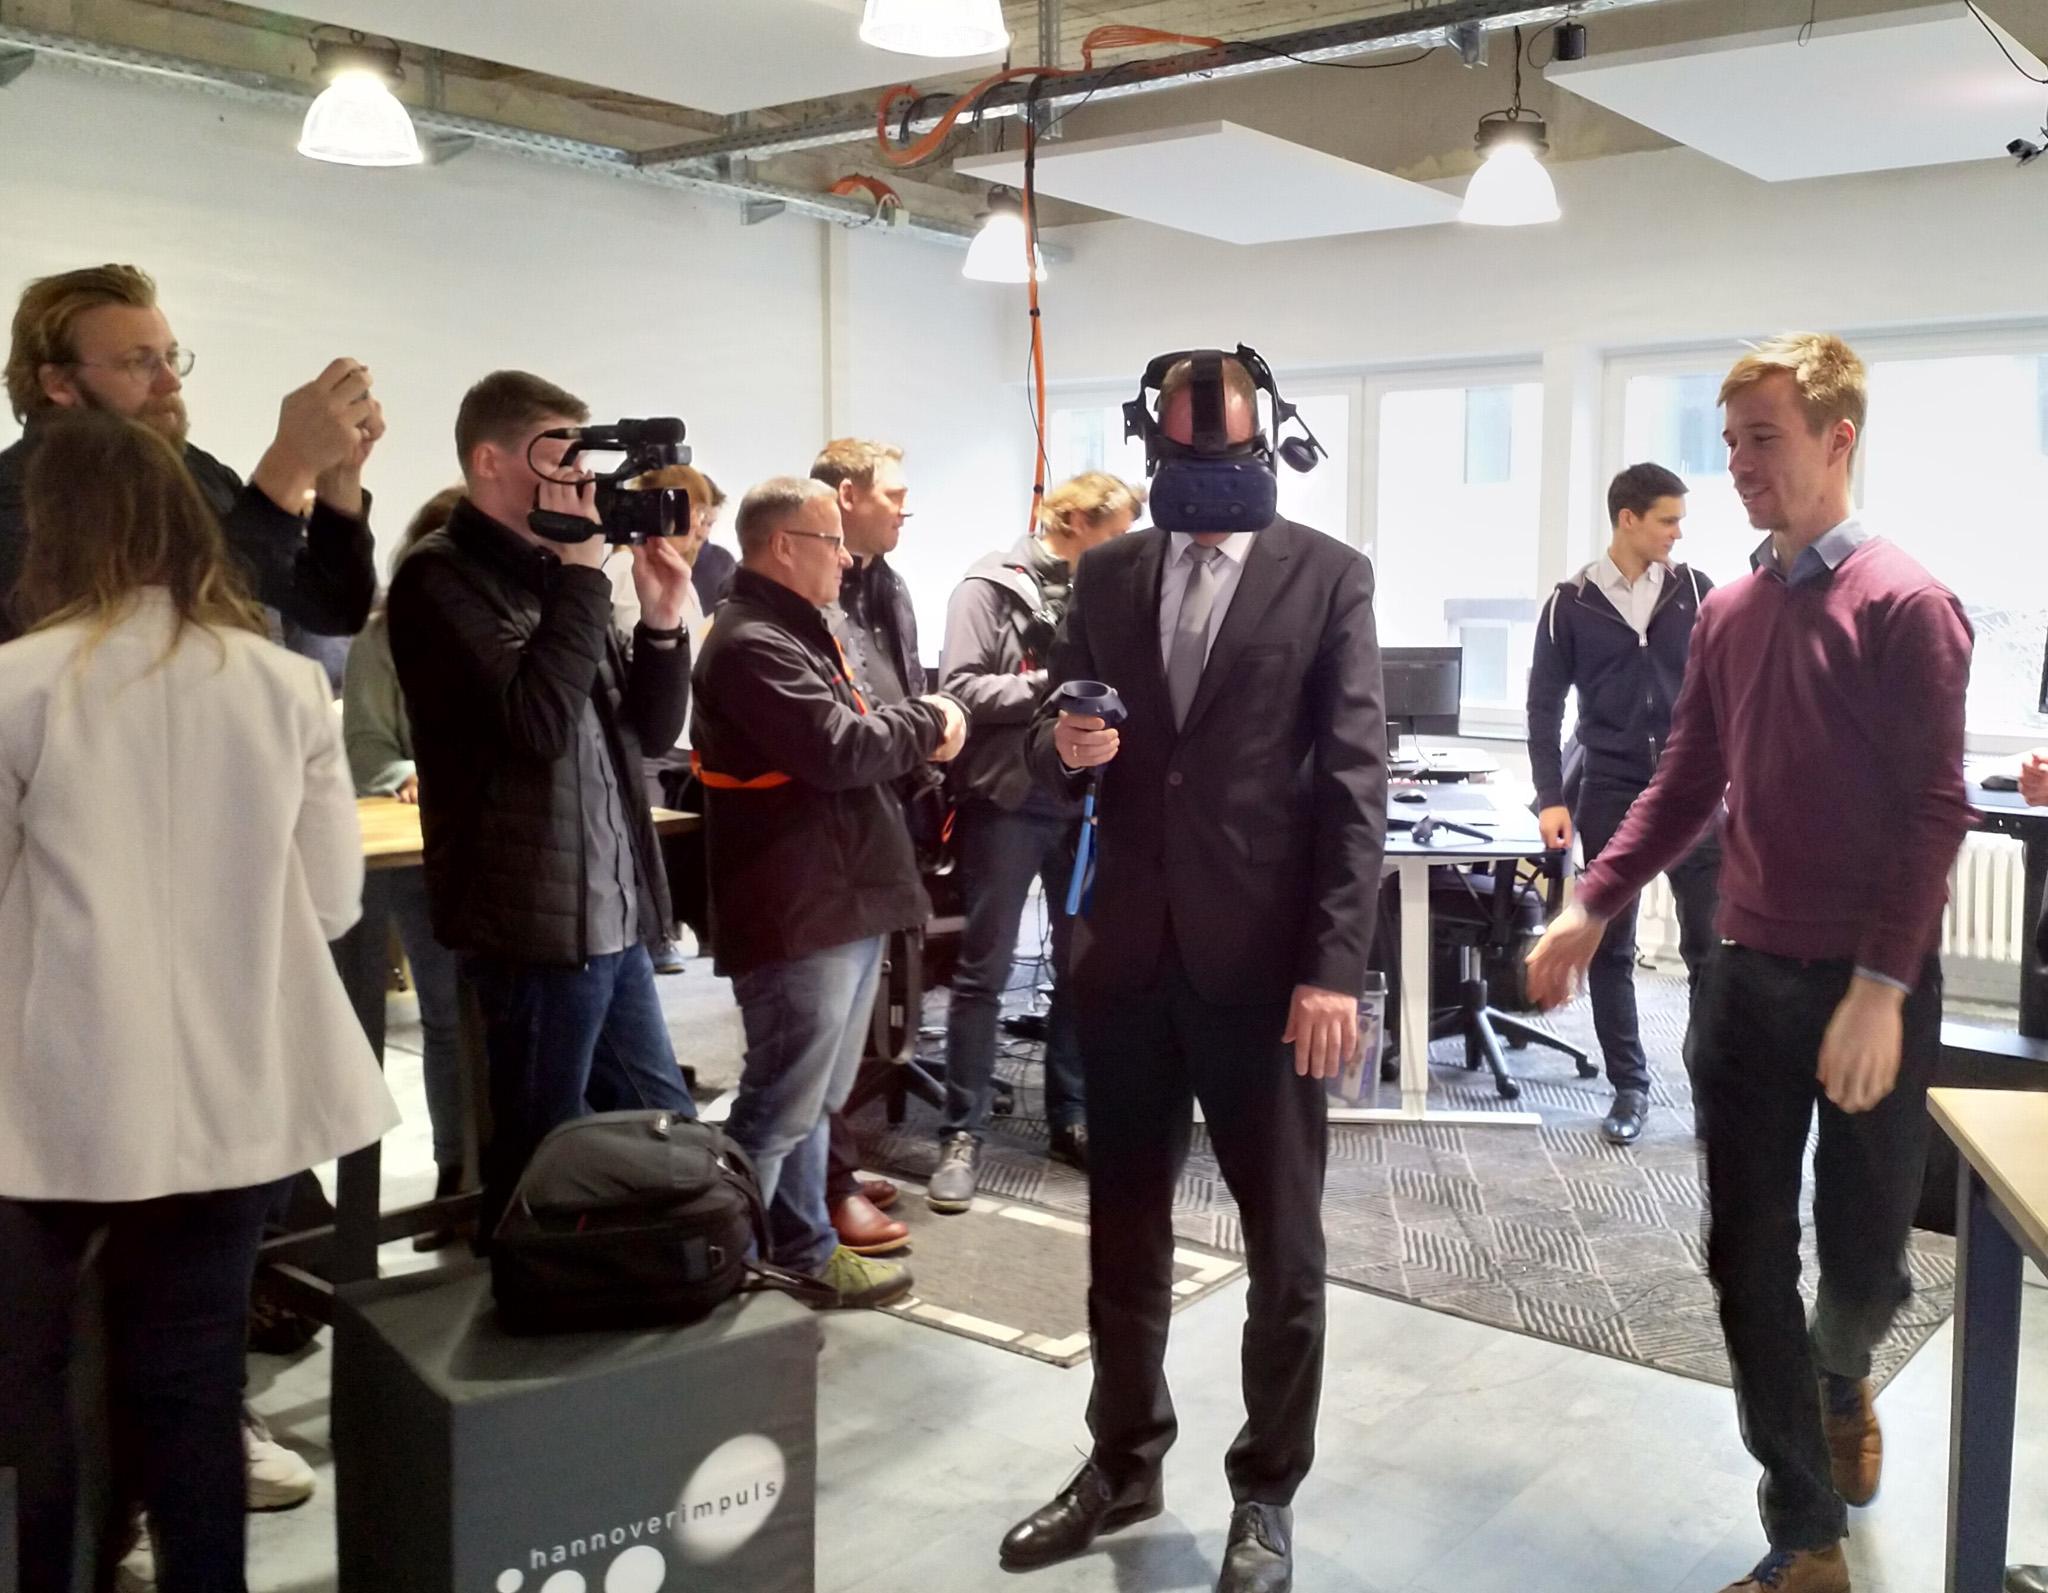 Männer und Frauen stehen im VR-Lab. Einige probieren Virtual-Reality-Hardware aus.